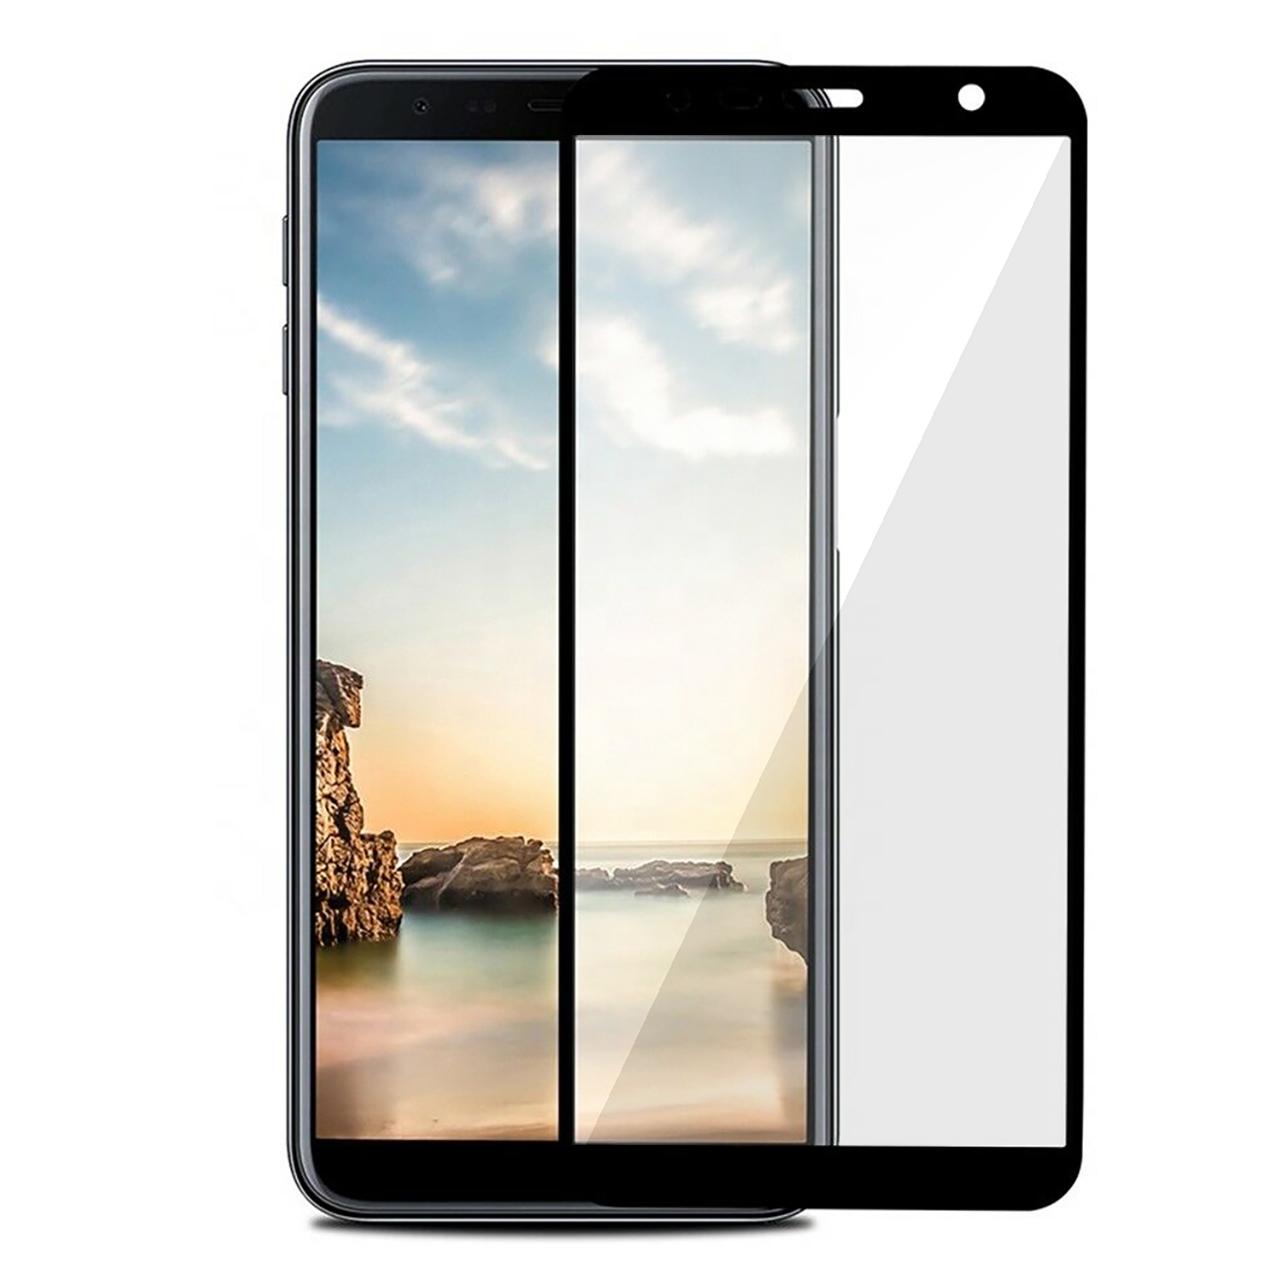 محافظ صفحه نمایش سومگ مدل Nitro مناسب برای گوشی سامسونگ Galaxy J6 Plus